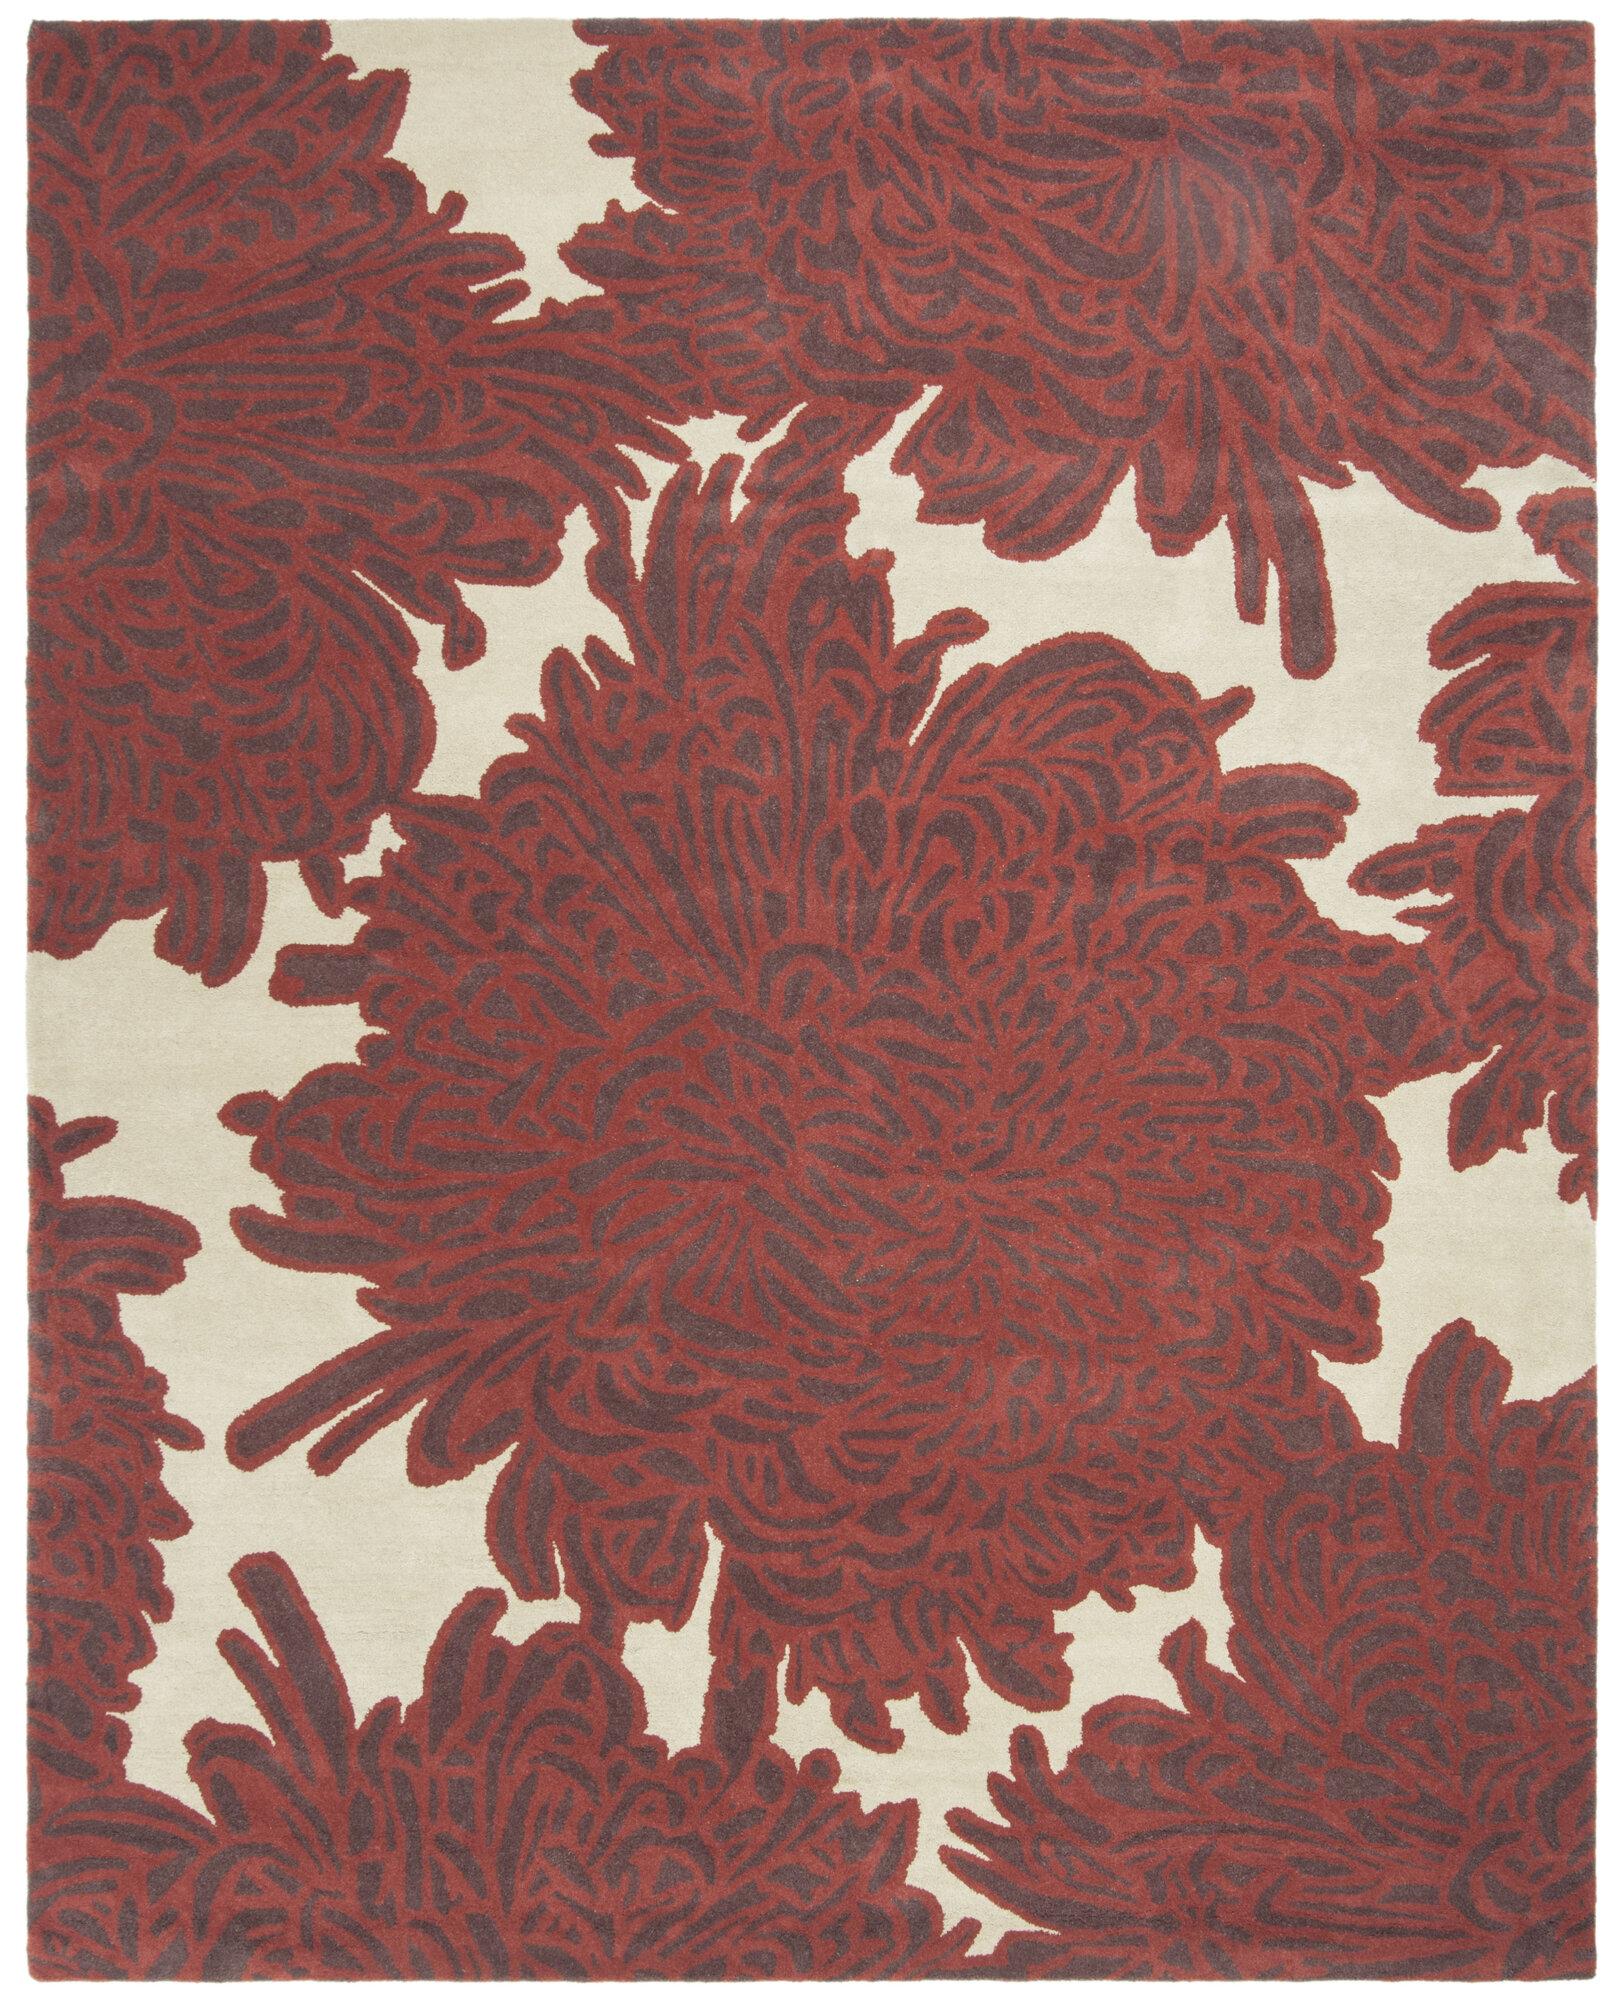 Details About Martha Stewart Chrysanthemum Hand Tufted Wool Red Beige Area Rug